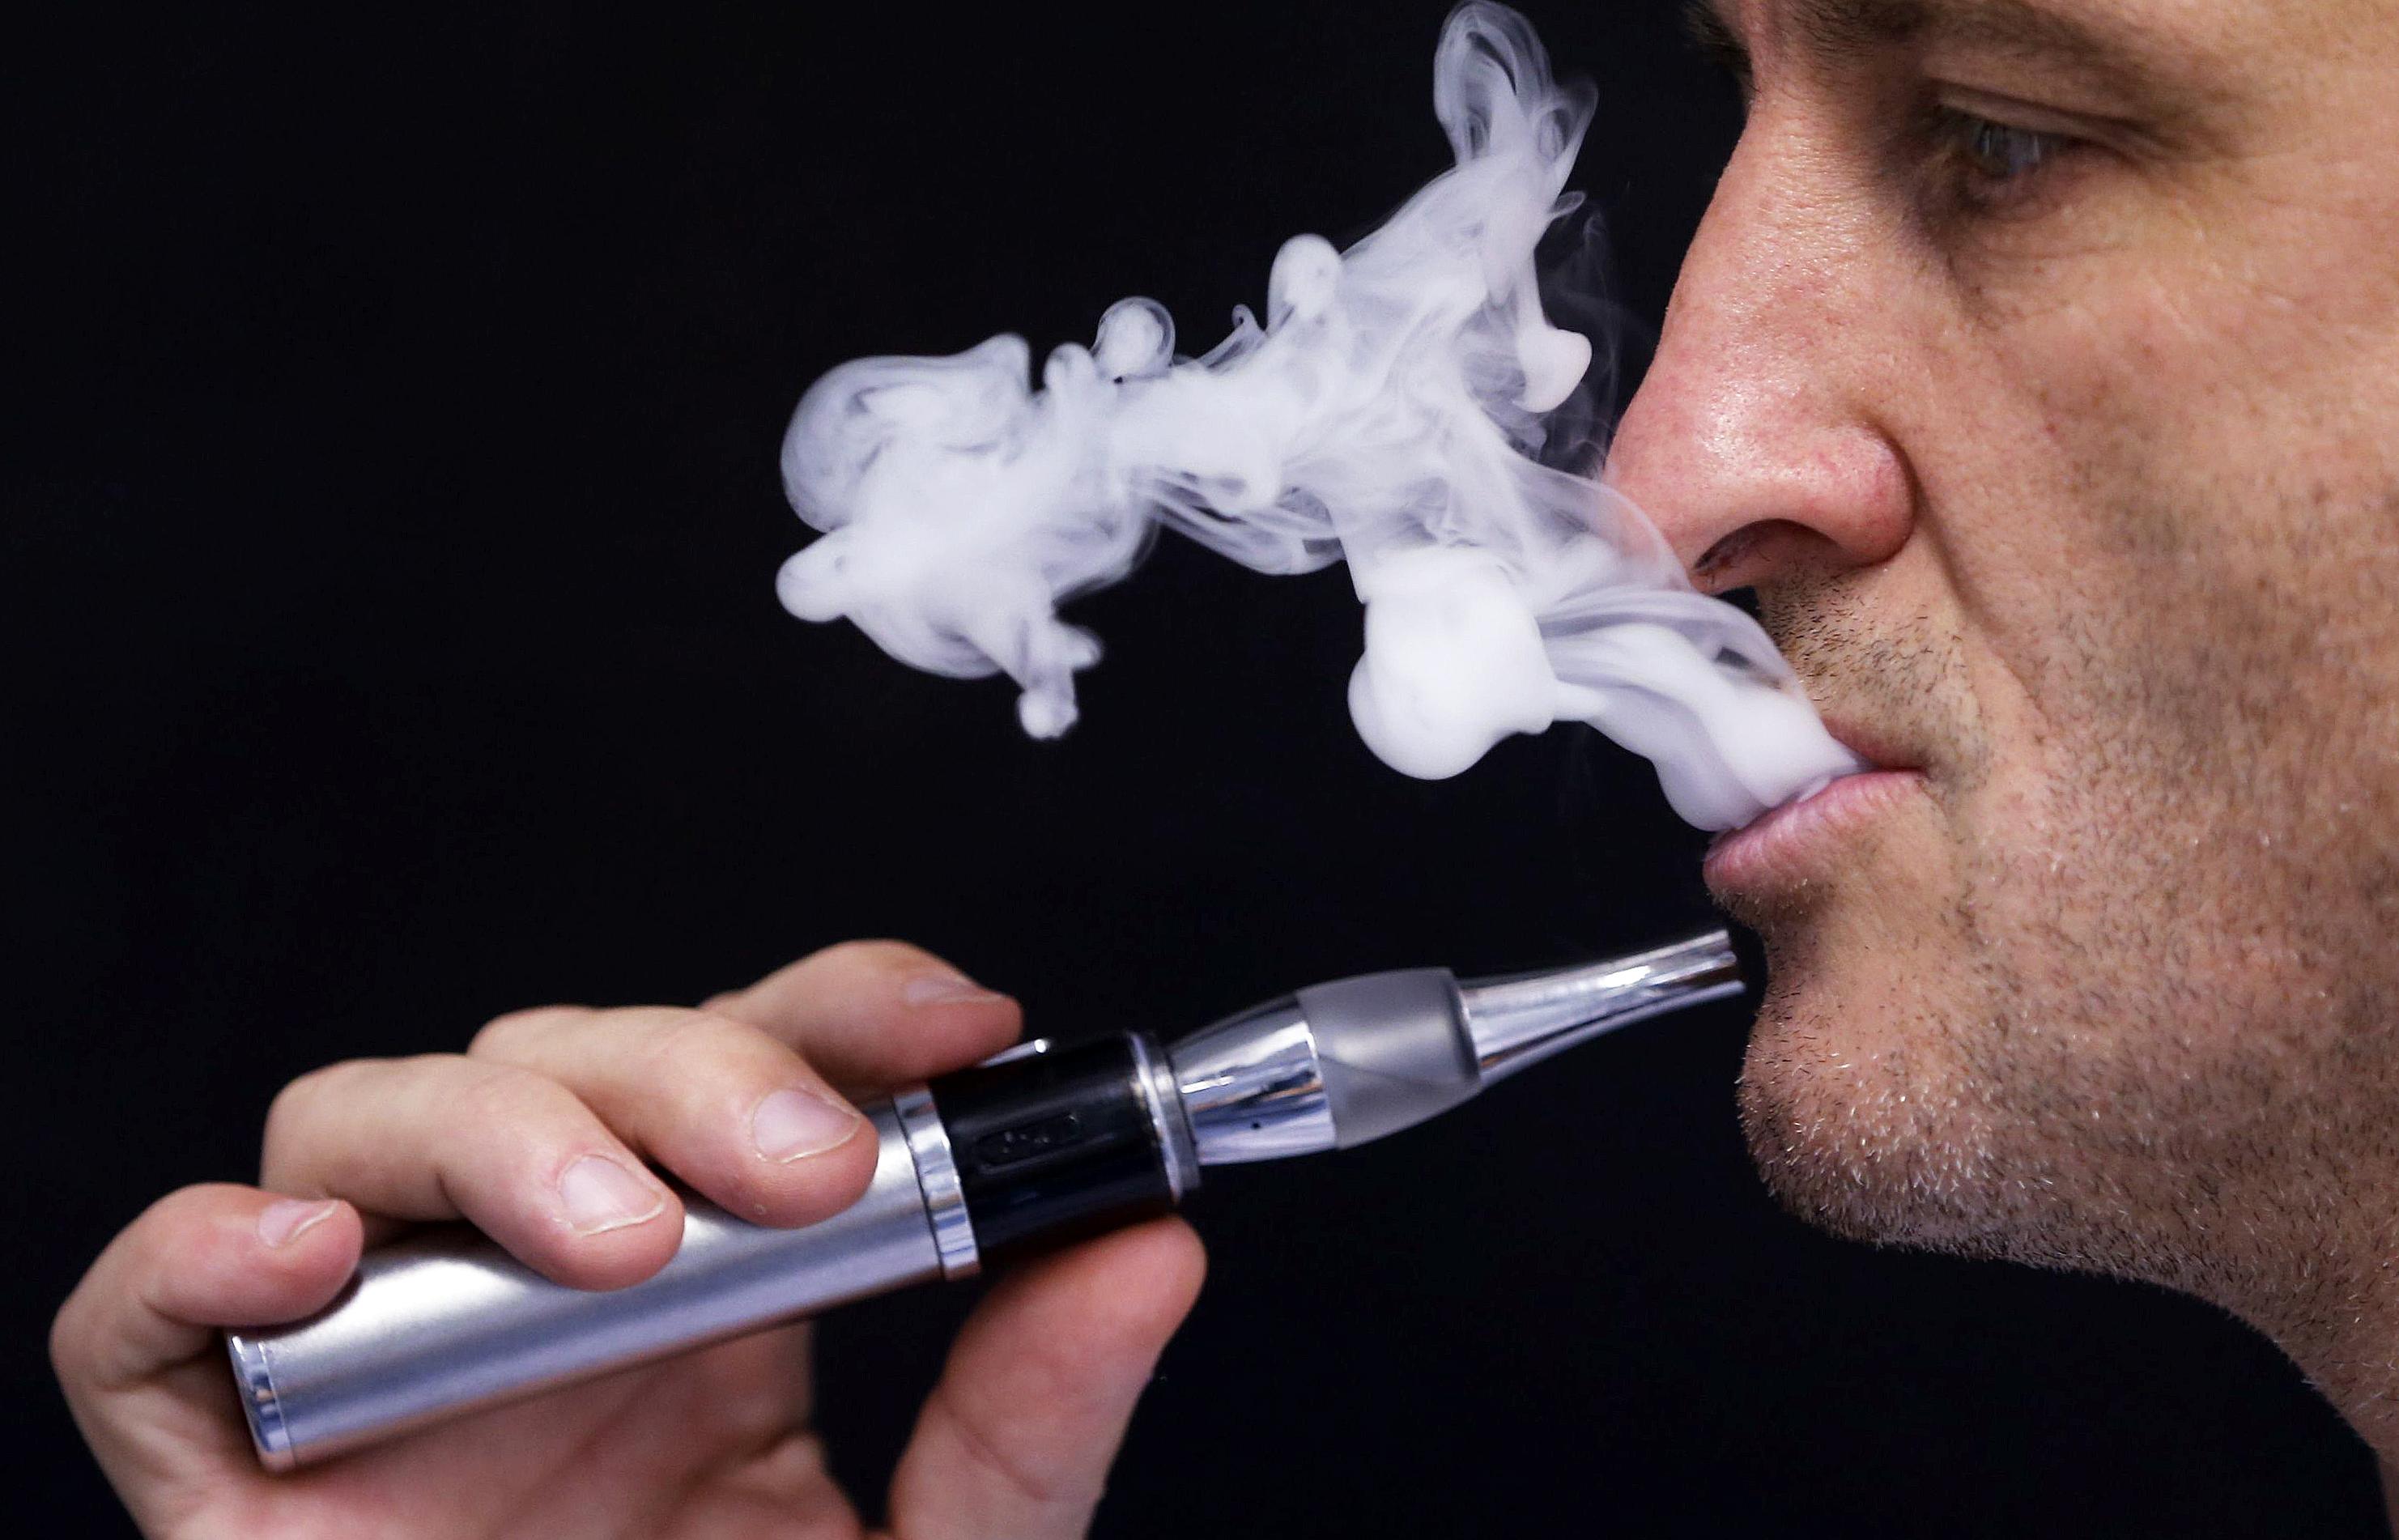 Tigara electronica fara nicotina: cine o foloseste si de ce